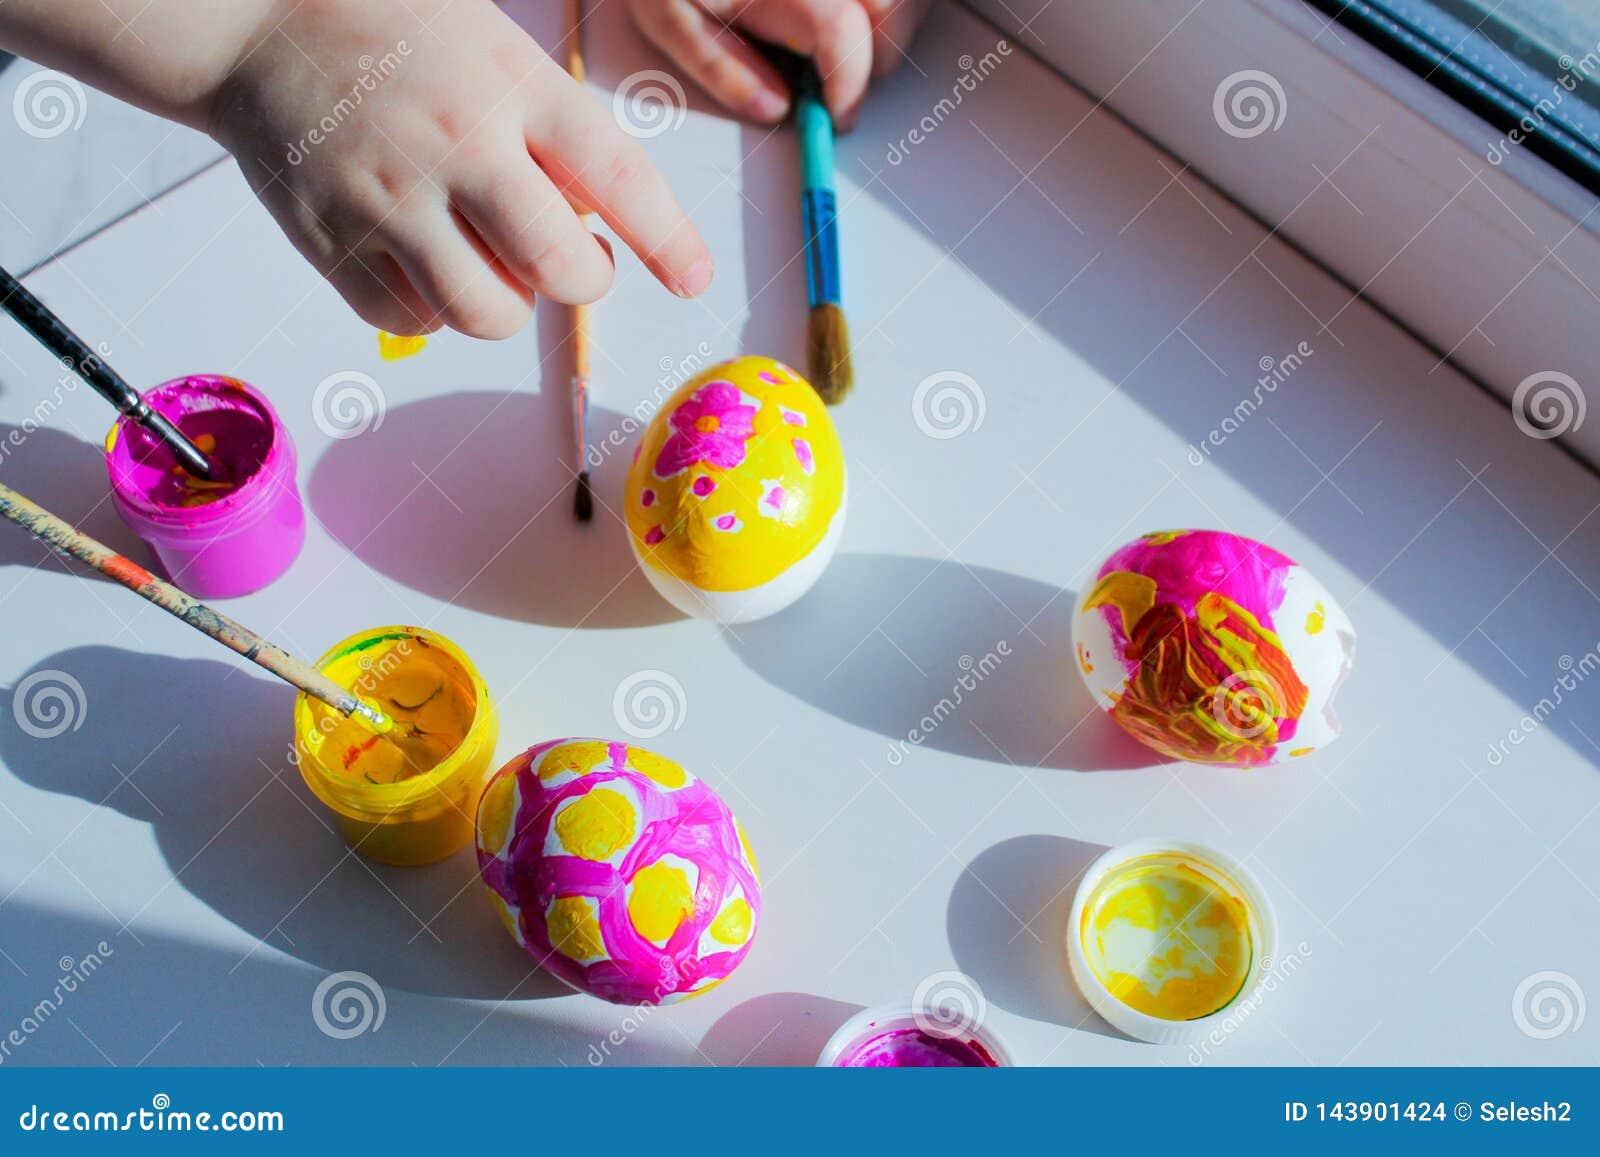 Χρωματίζοντας αυγά Πάσχας με τα παιδιά κοινή δημιουργικότητα, που αναπτύσσει τις κατηγορίες r